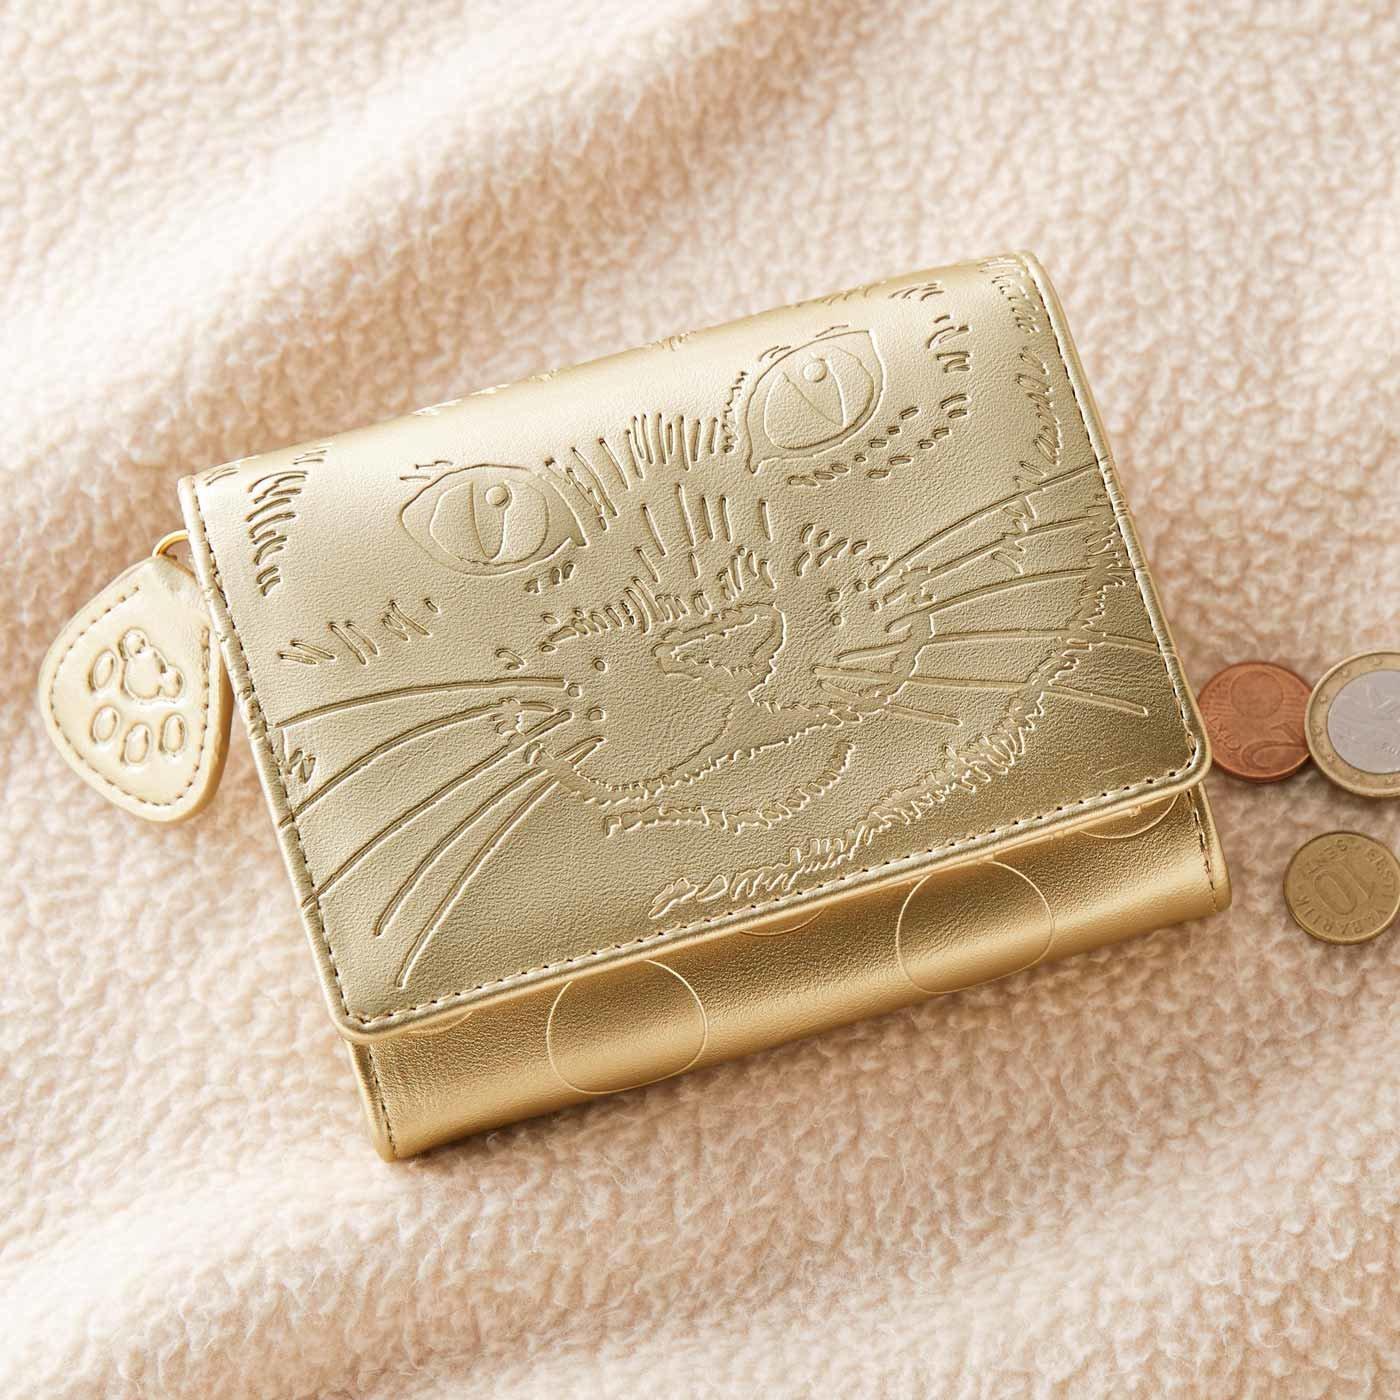 にゃーんと運気も急上昇? 三つ折ゴールドねこ財布